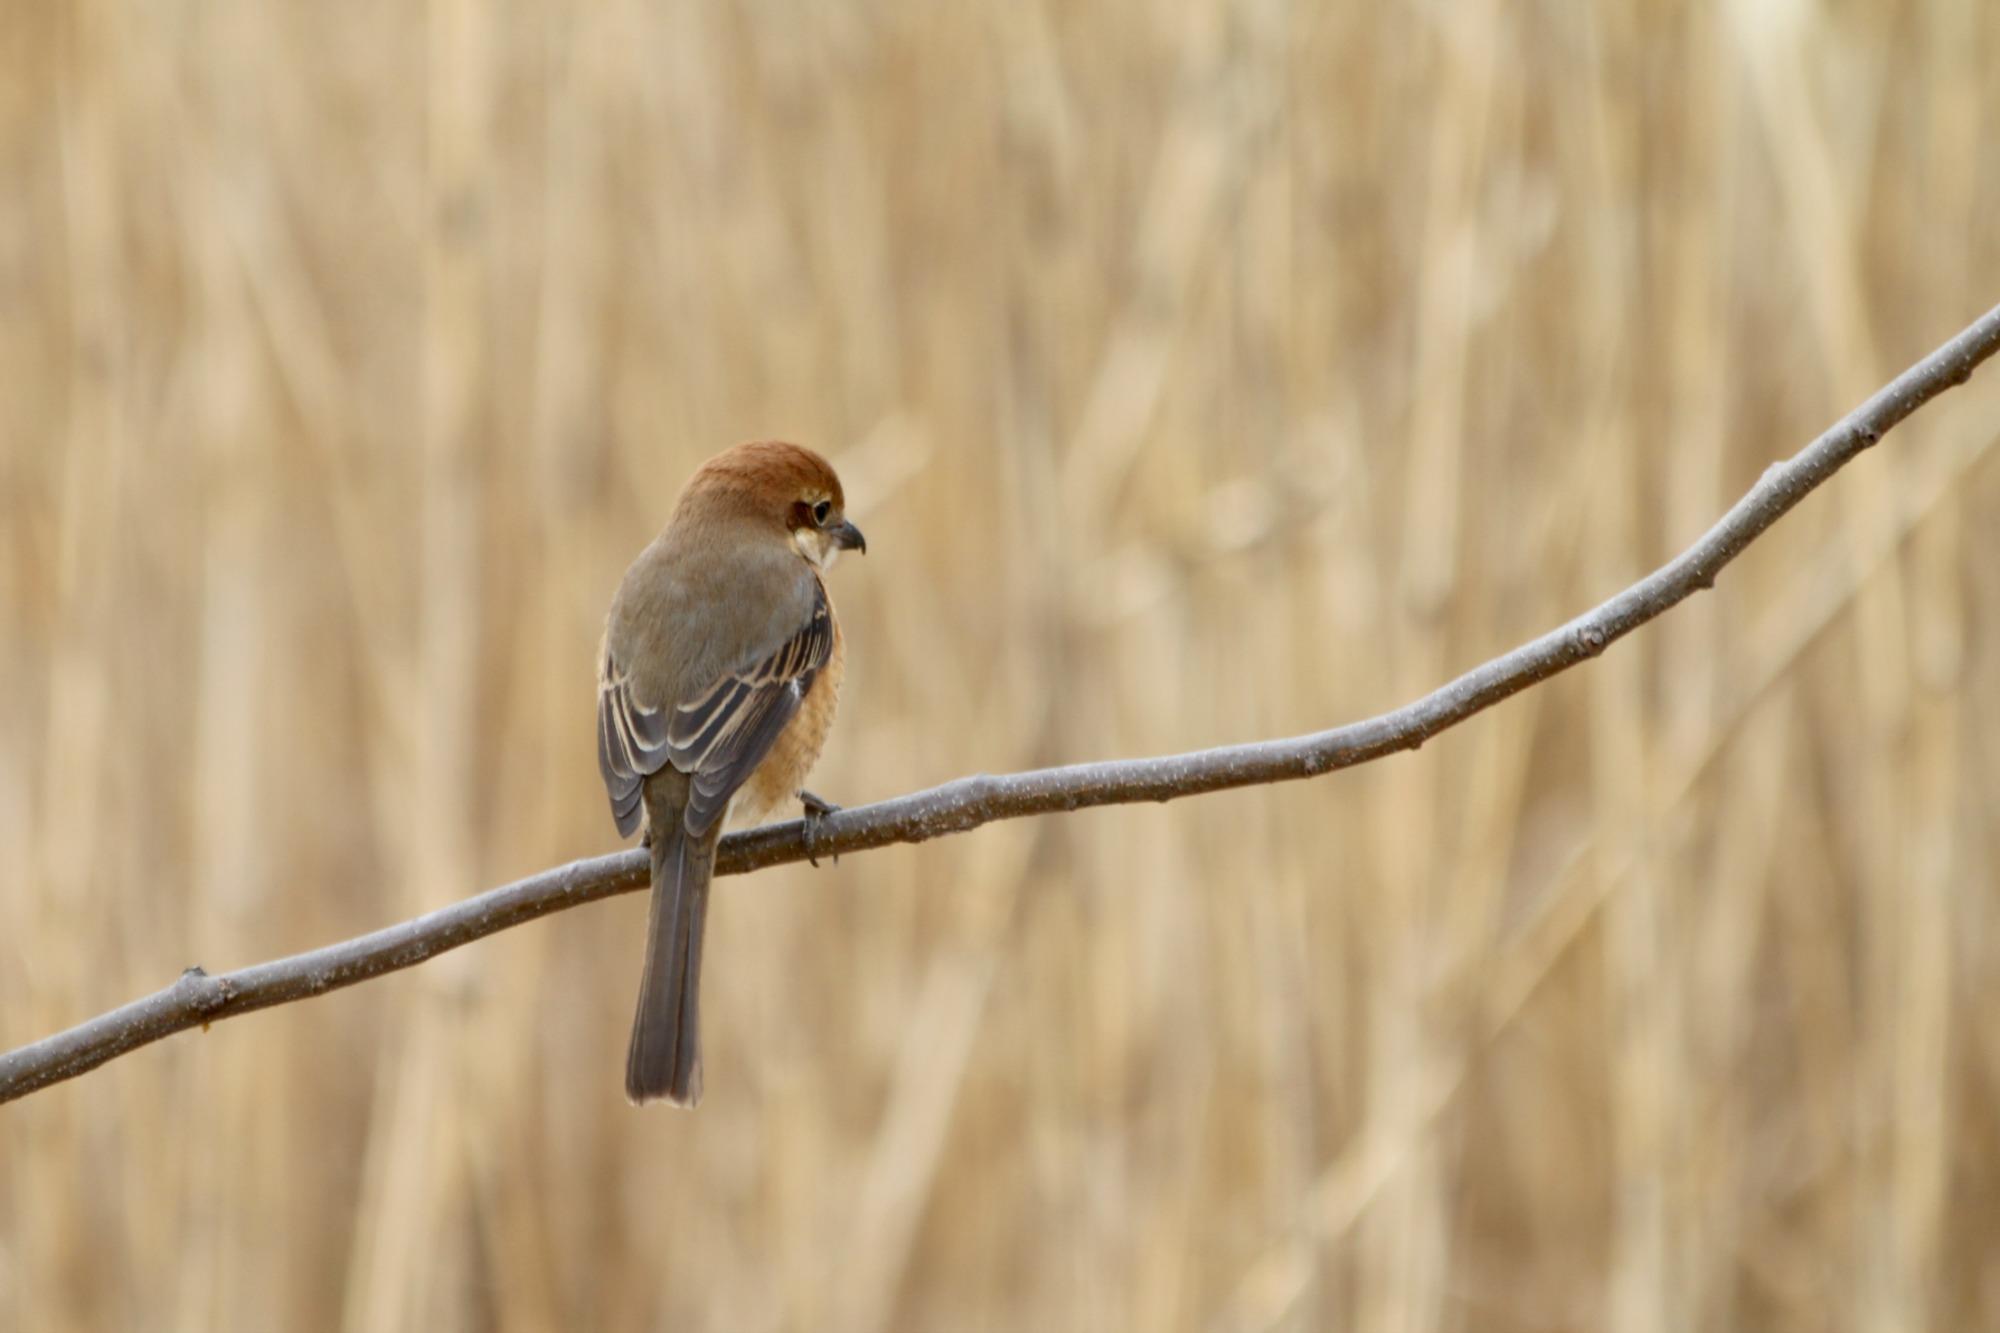 水元公園の鳥さんたち_a0127090_20432580.jpg